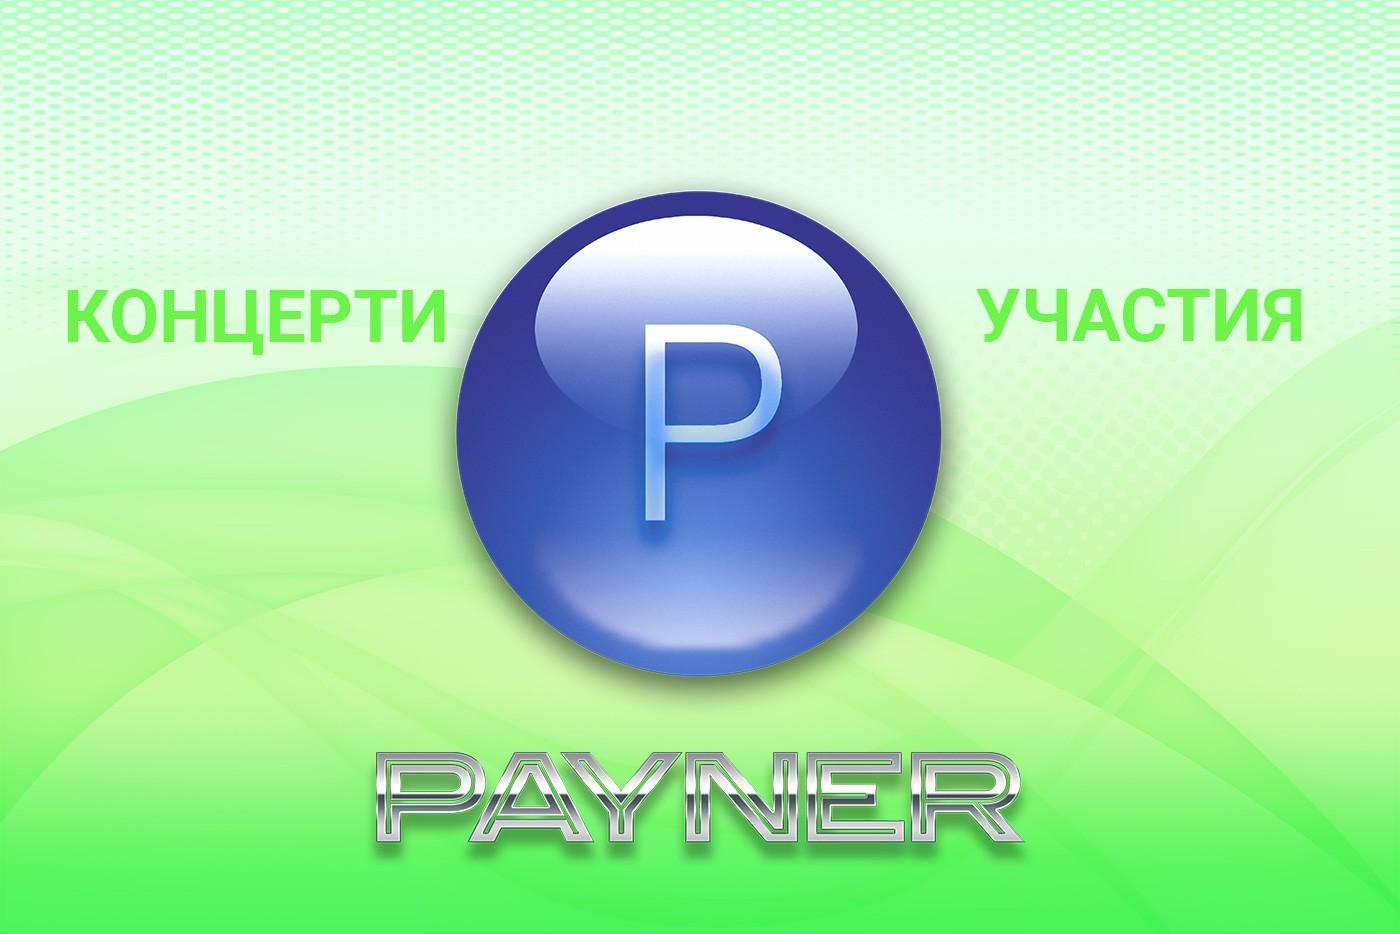 """Участия на звездите на """"Пайнер"""" на 11.04.2019"""